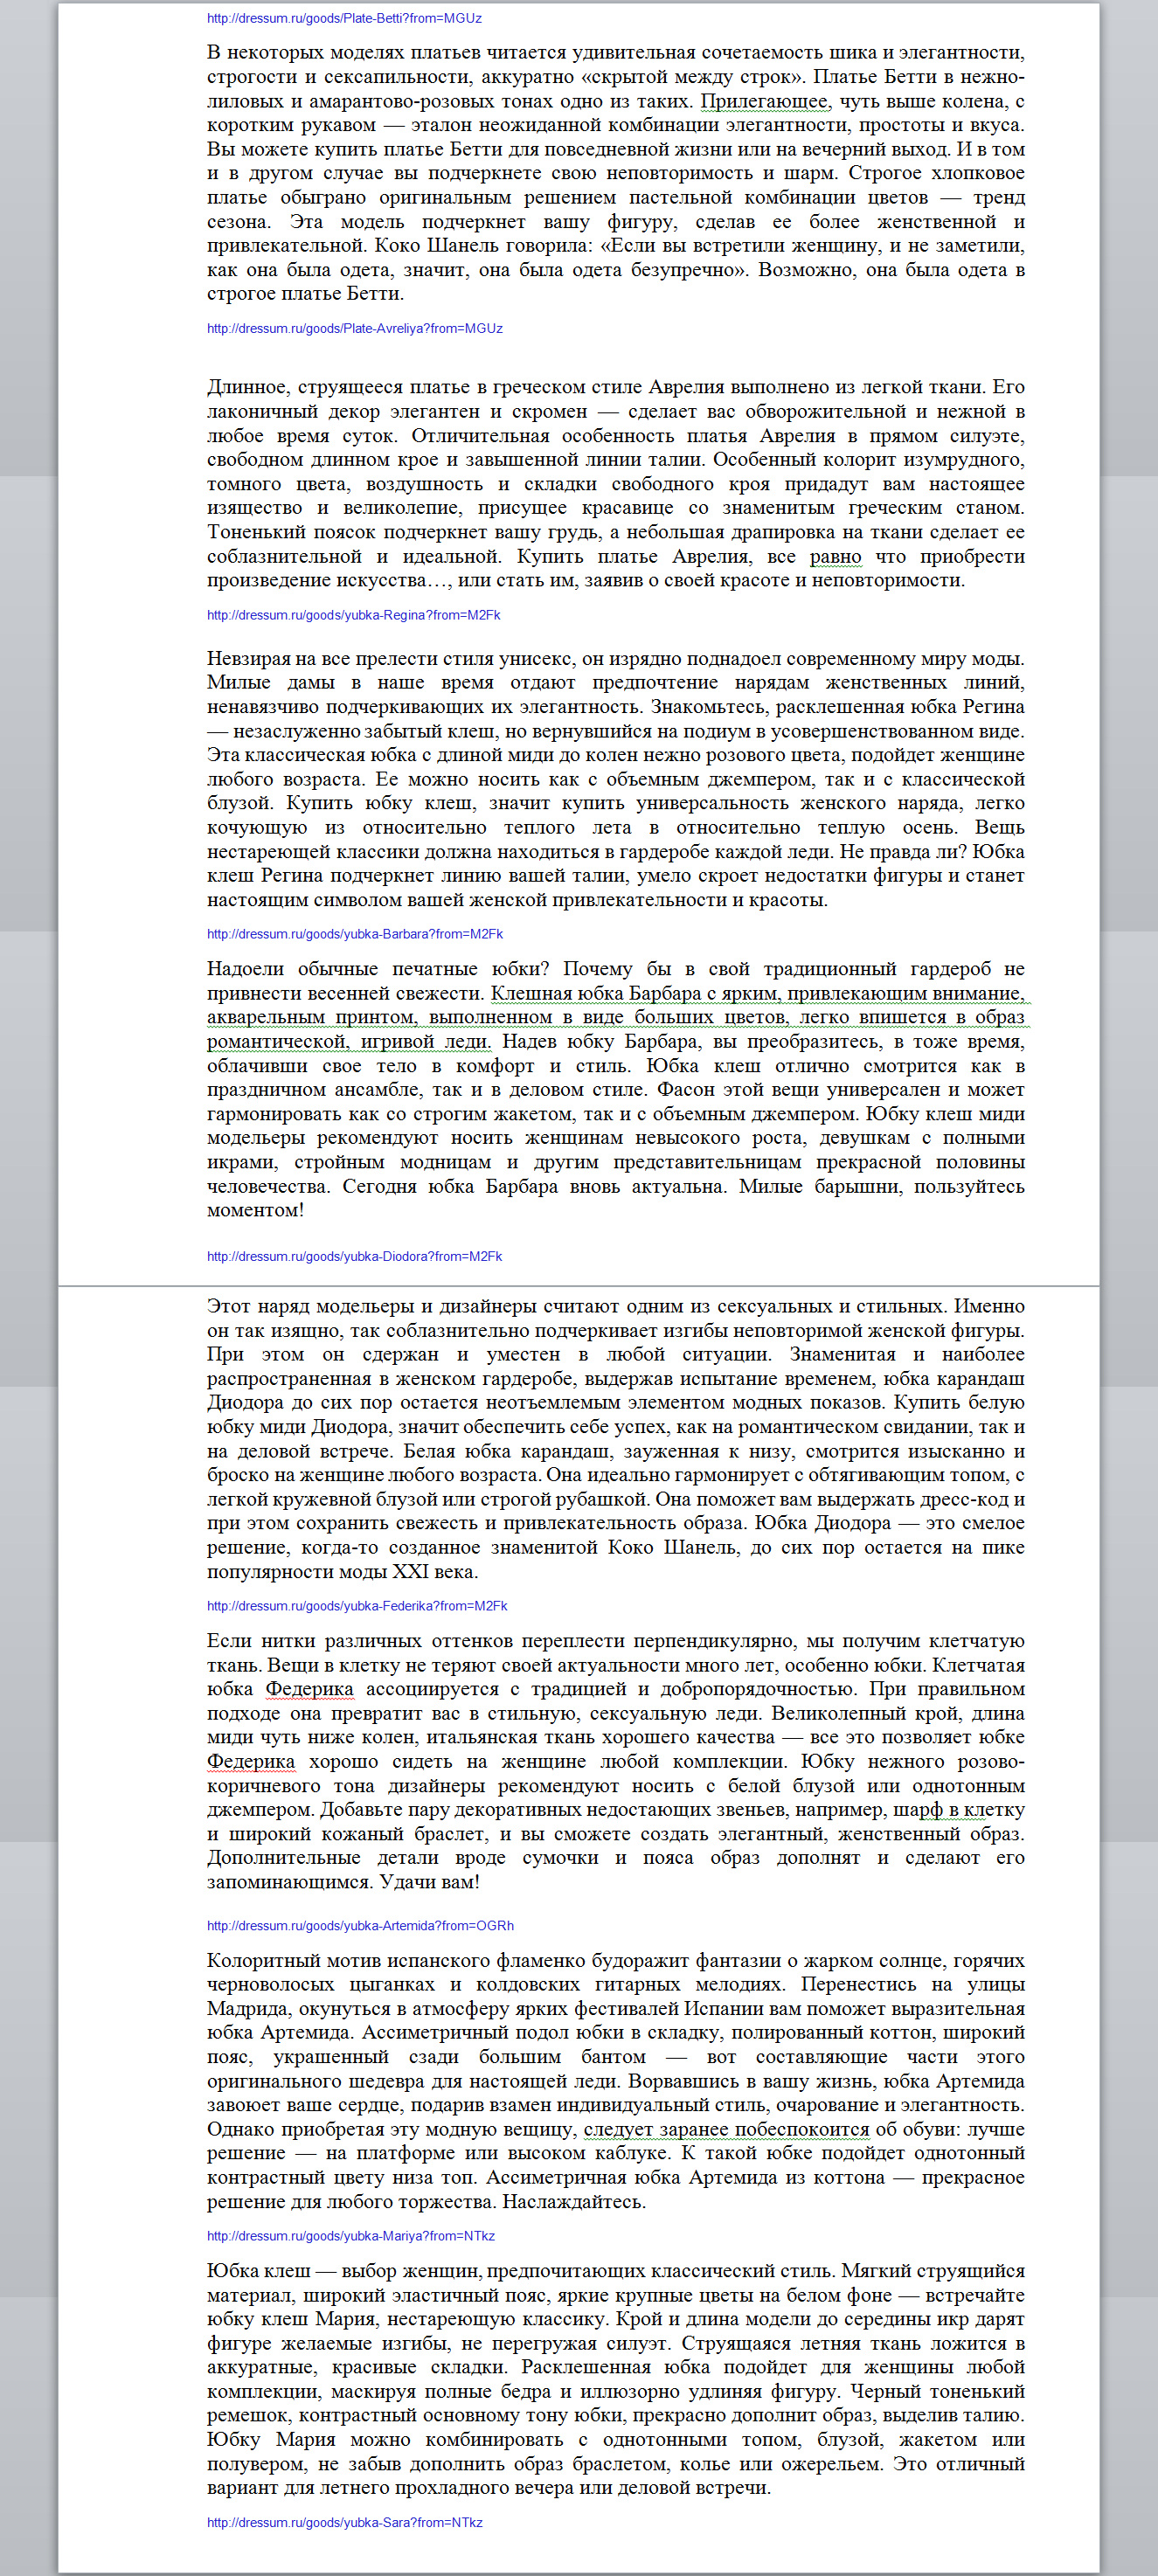 Описания к платьям (более 300 текстов написано и опубликовано в интернет-магазин)